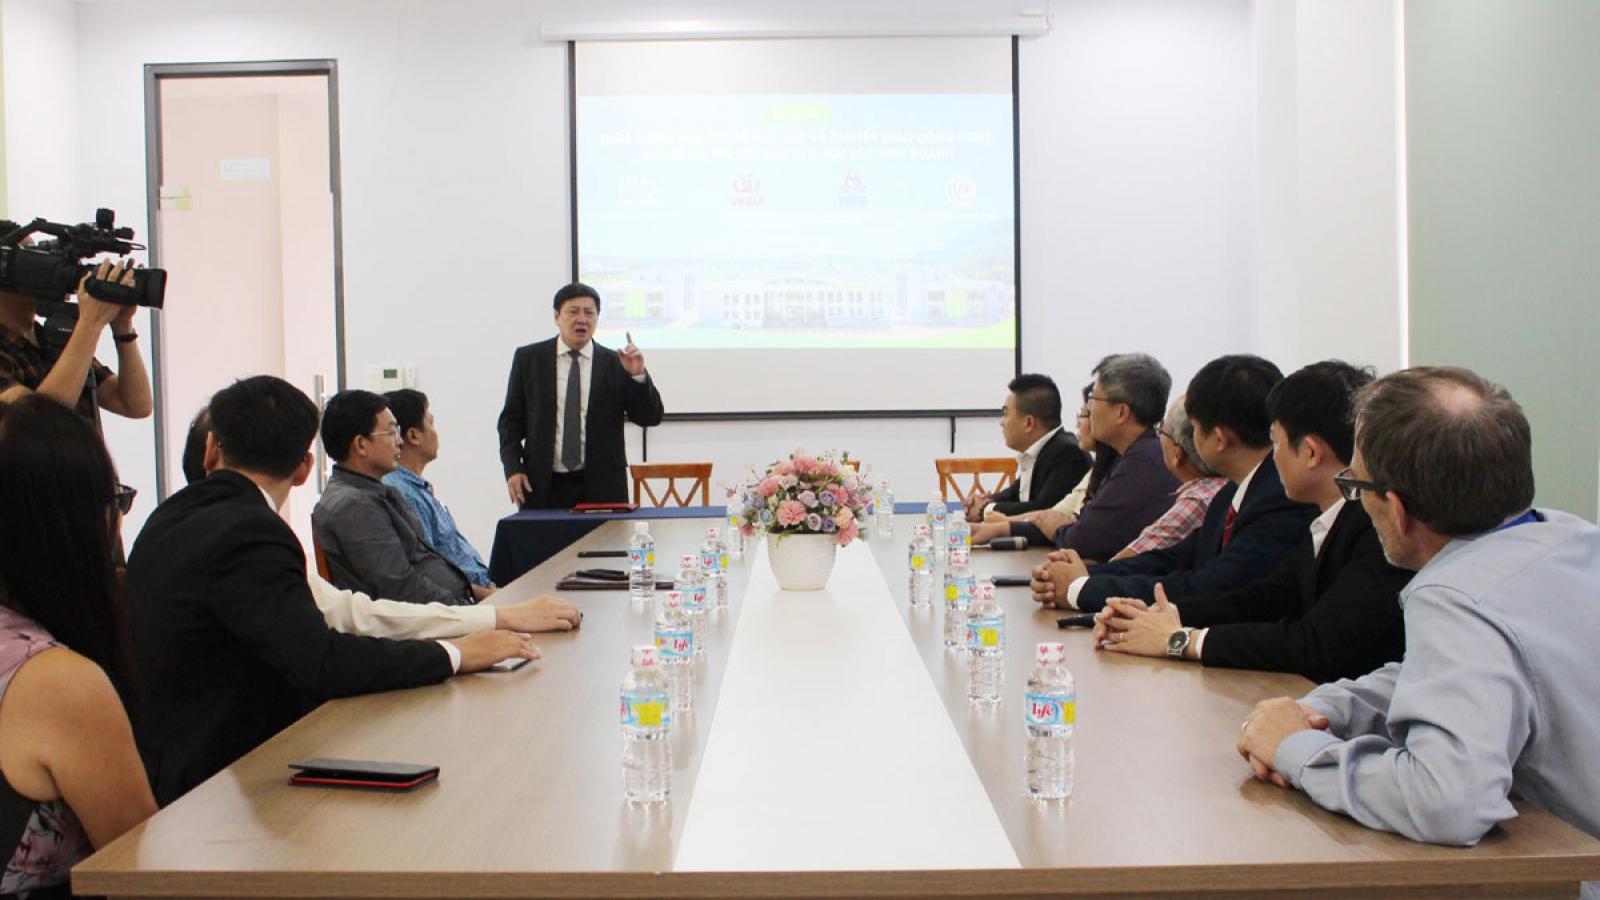 Chính thức hoạt động Trung tâm Đào tạo và Chuyển giao Công nghệ Việt Hàn